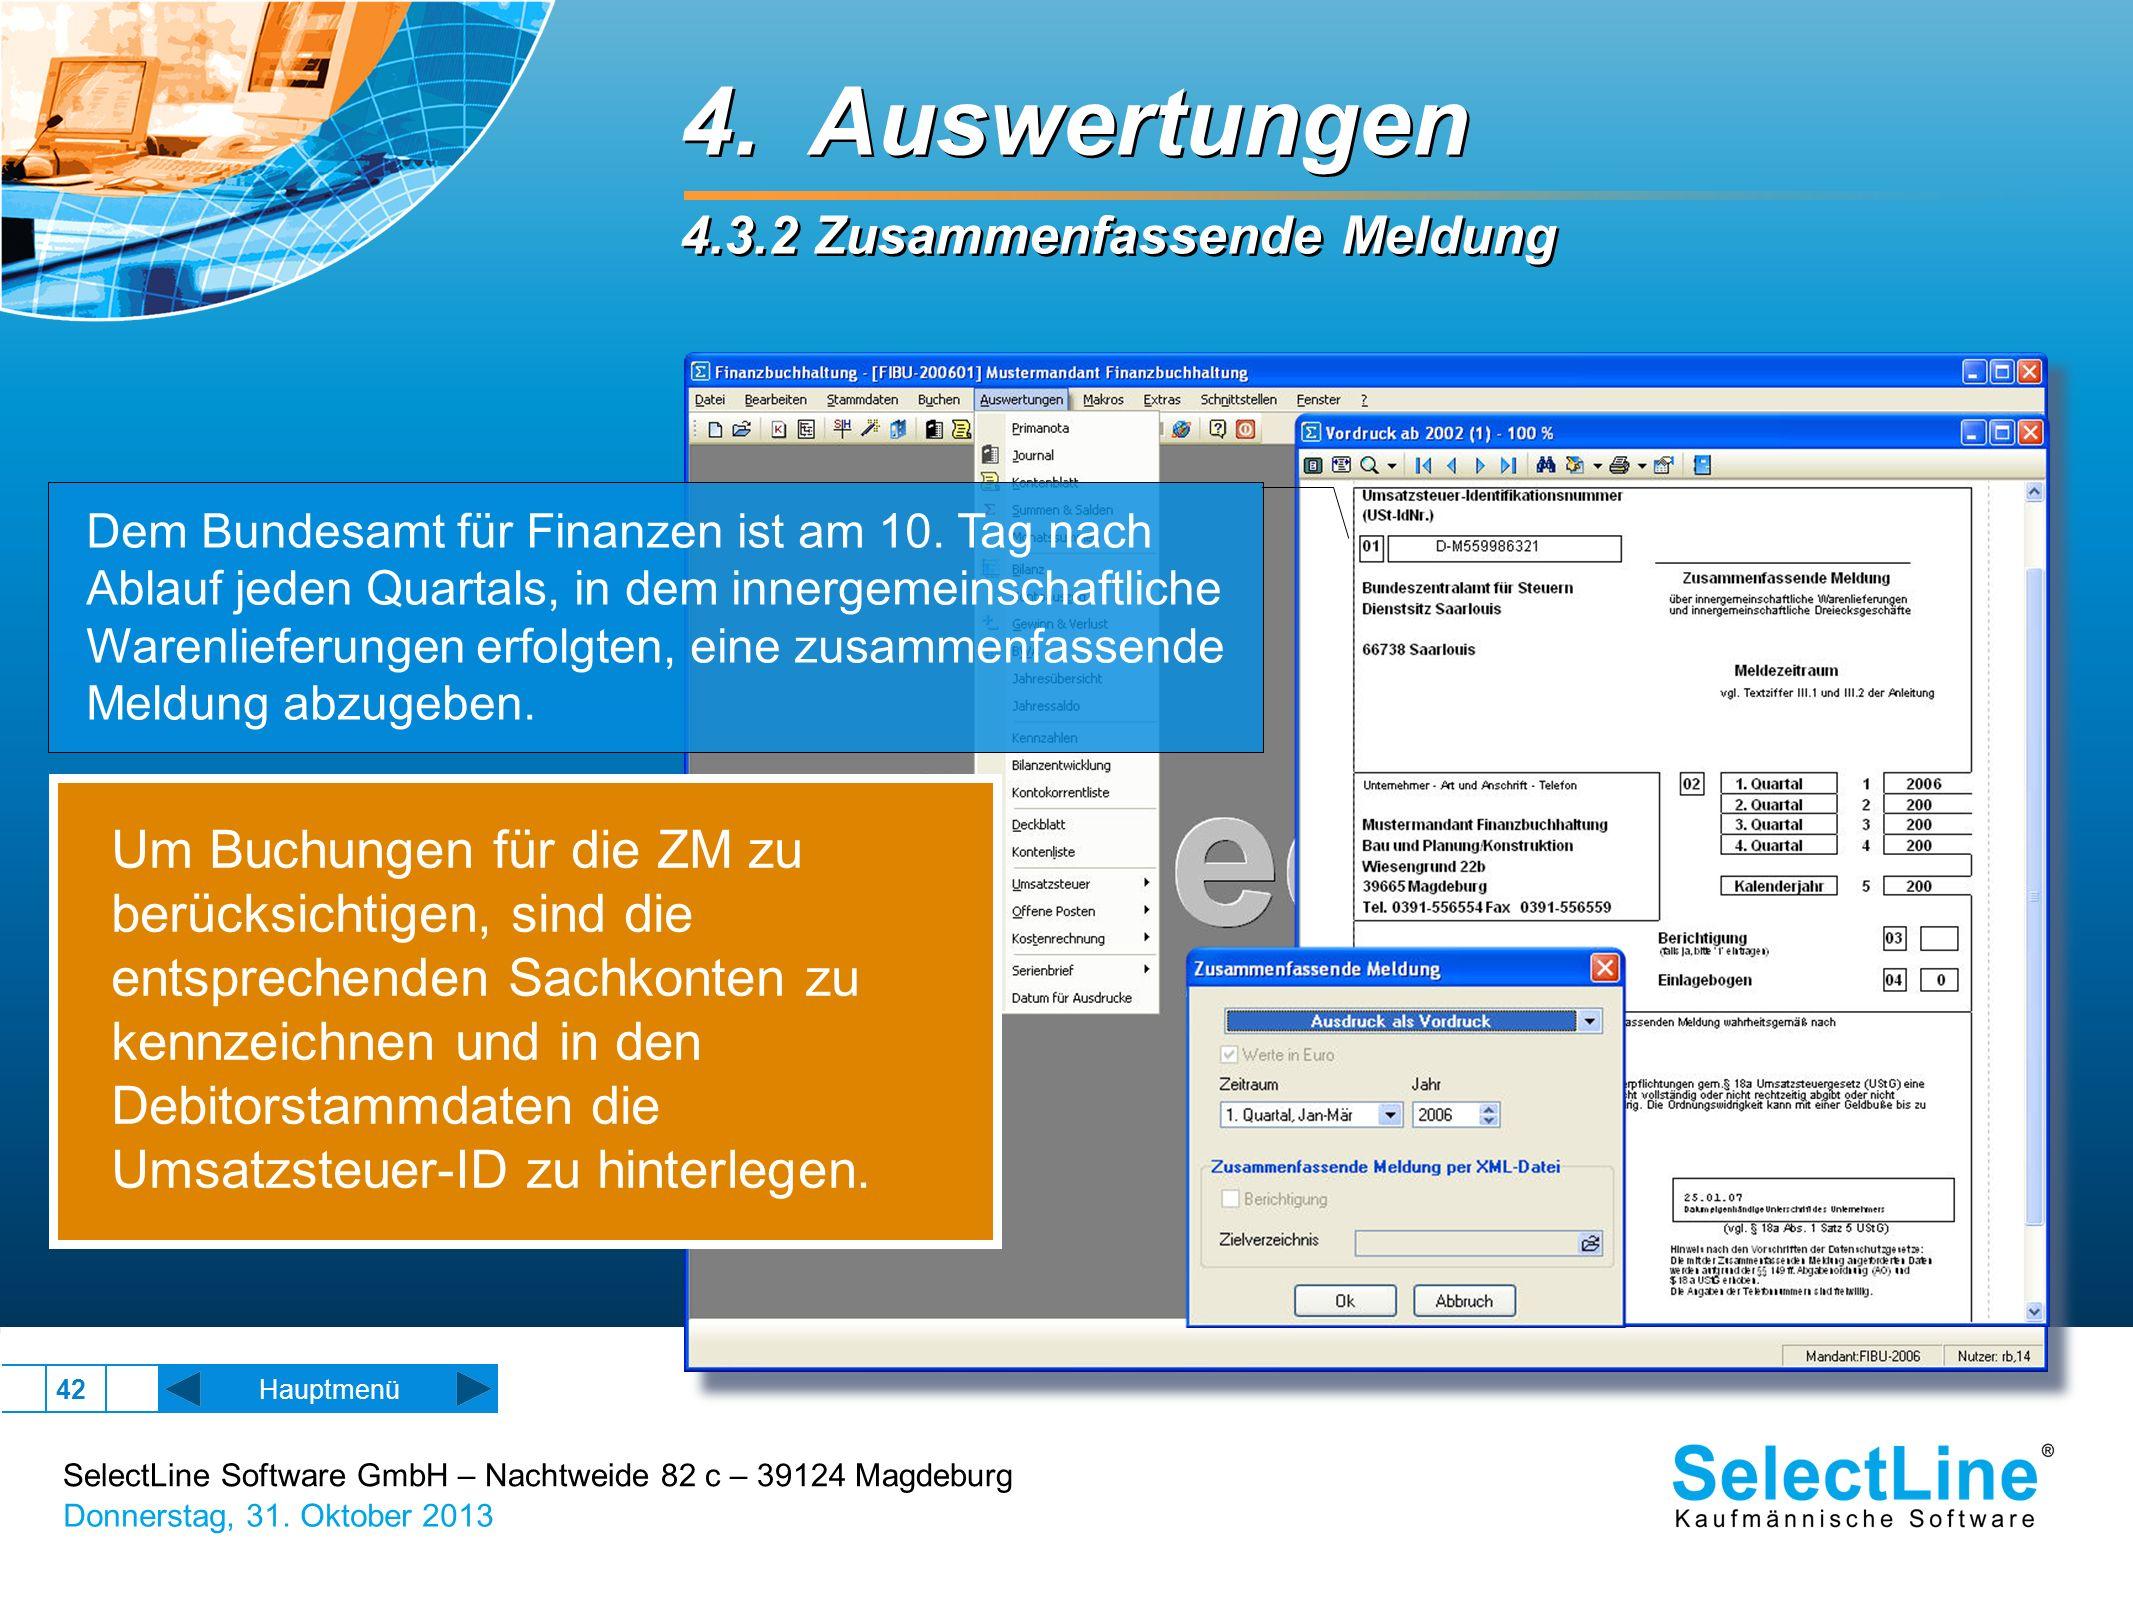 SelectLine Software GmbH – Nachtweide 82 c – 39124 Magdeburg Donnerstag, 31. Oktober 2013 42 Hauptmenü 4. Auswertungen 4.3.2 Zusammenfassende Meldung